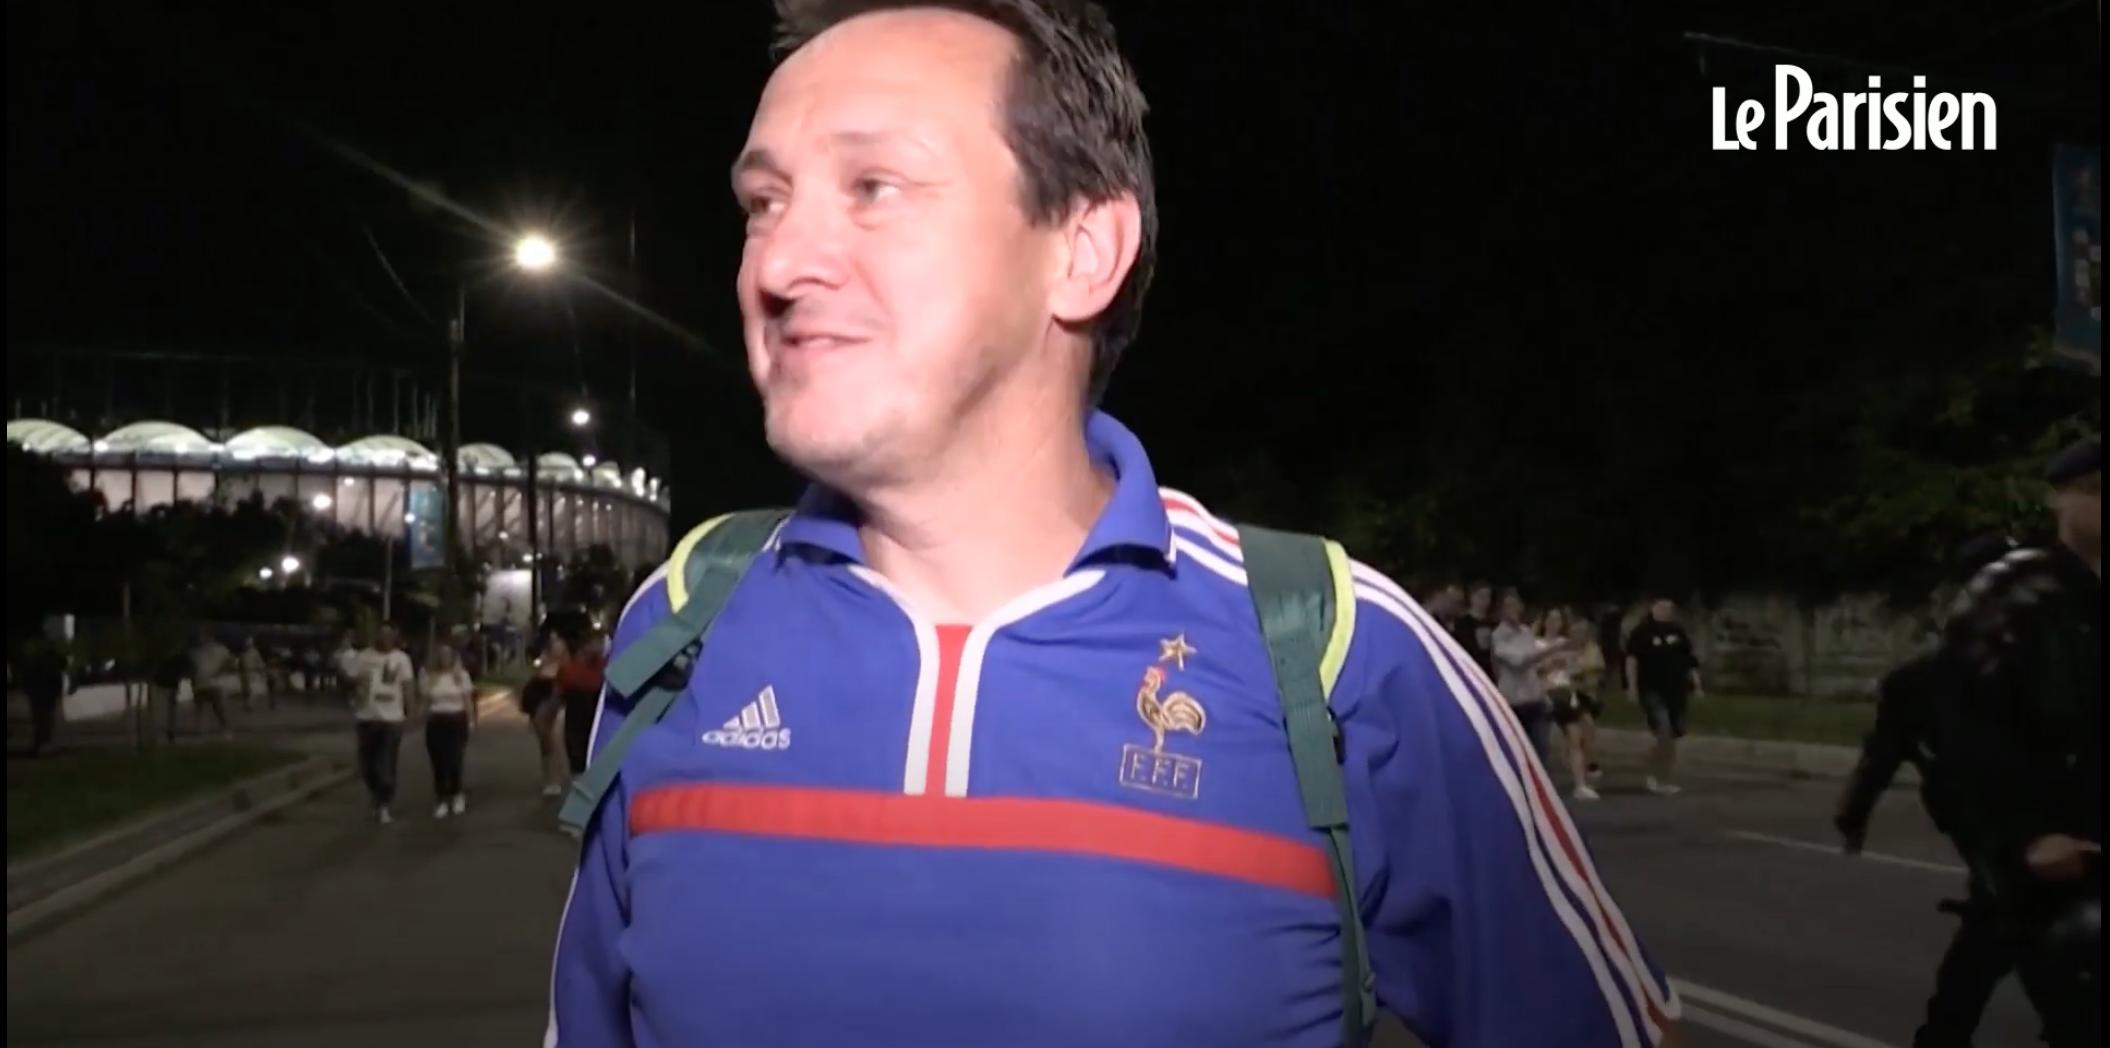 Après la défaite de la France à l'Euro 2020, les supporters des bleus inconsolables